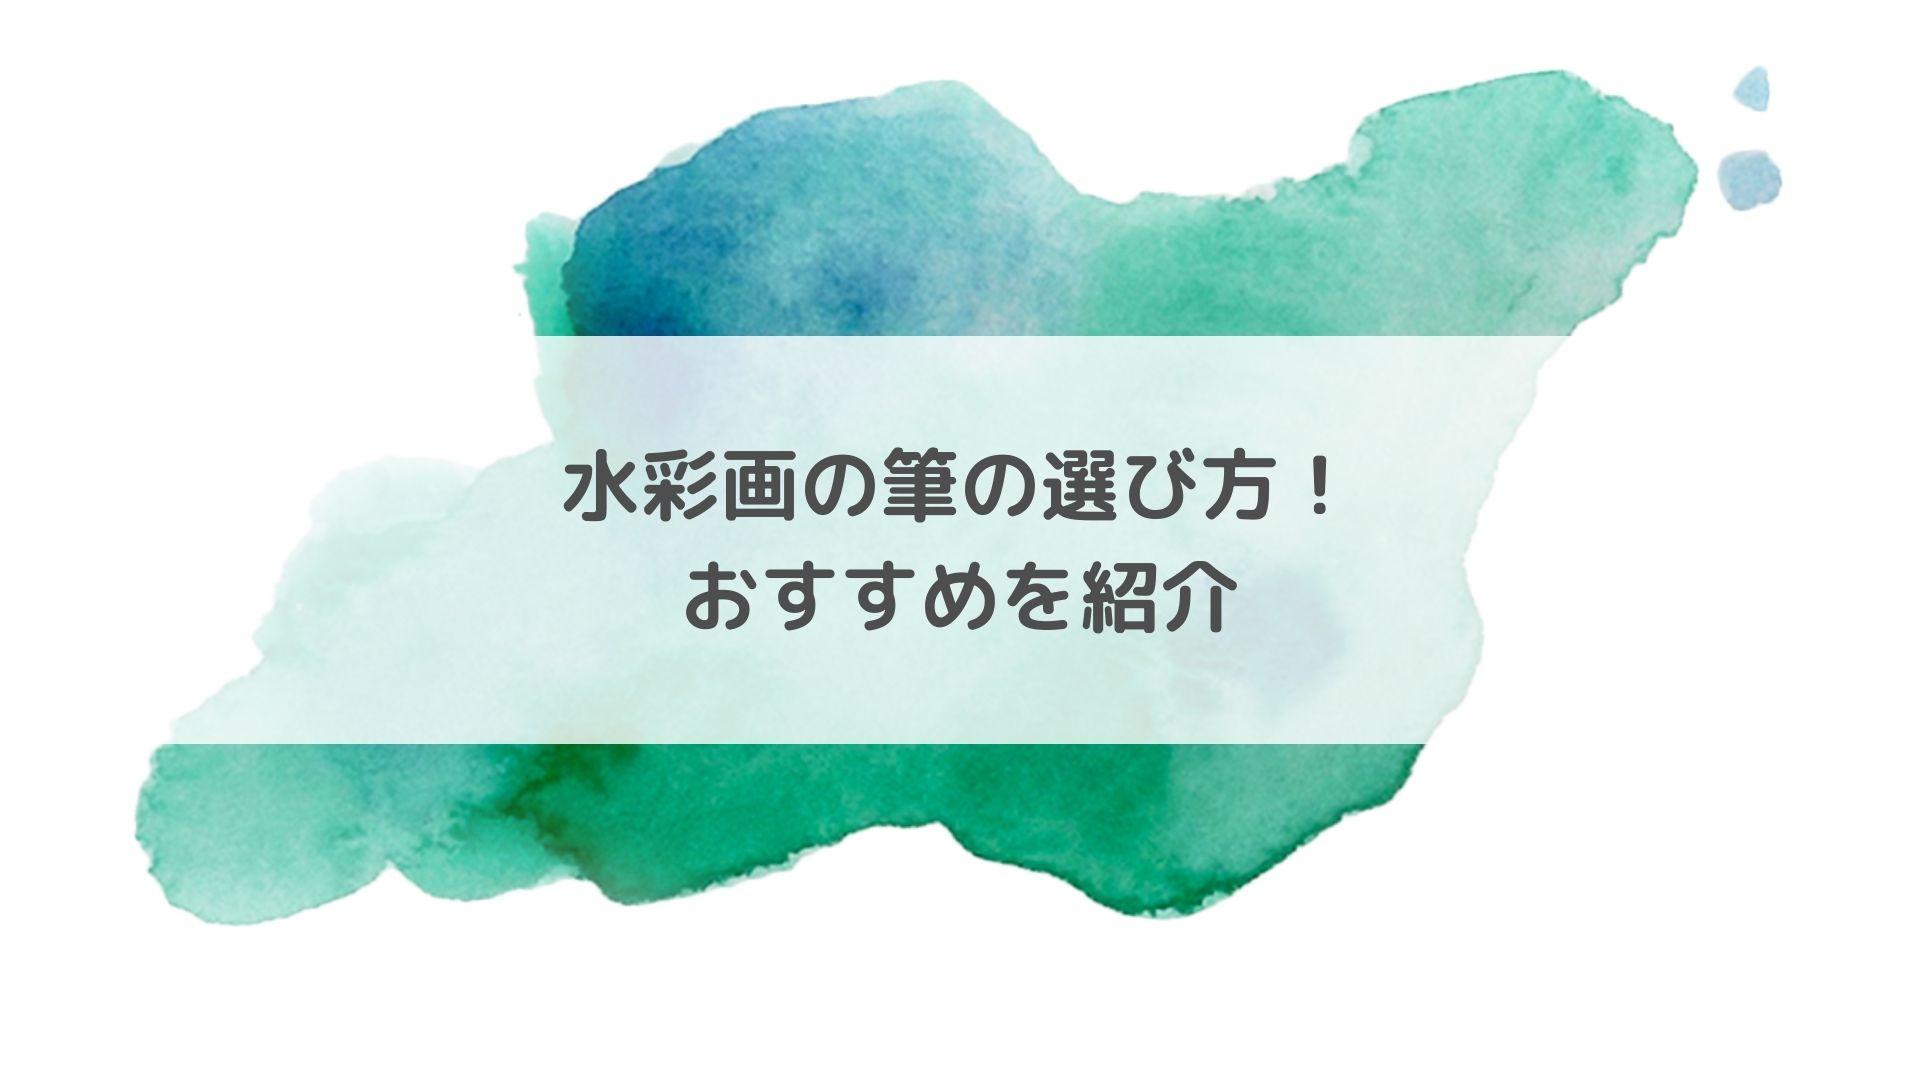 【元美大生が教える】水彩画の筆の選び方!おすすめを紹介